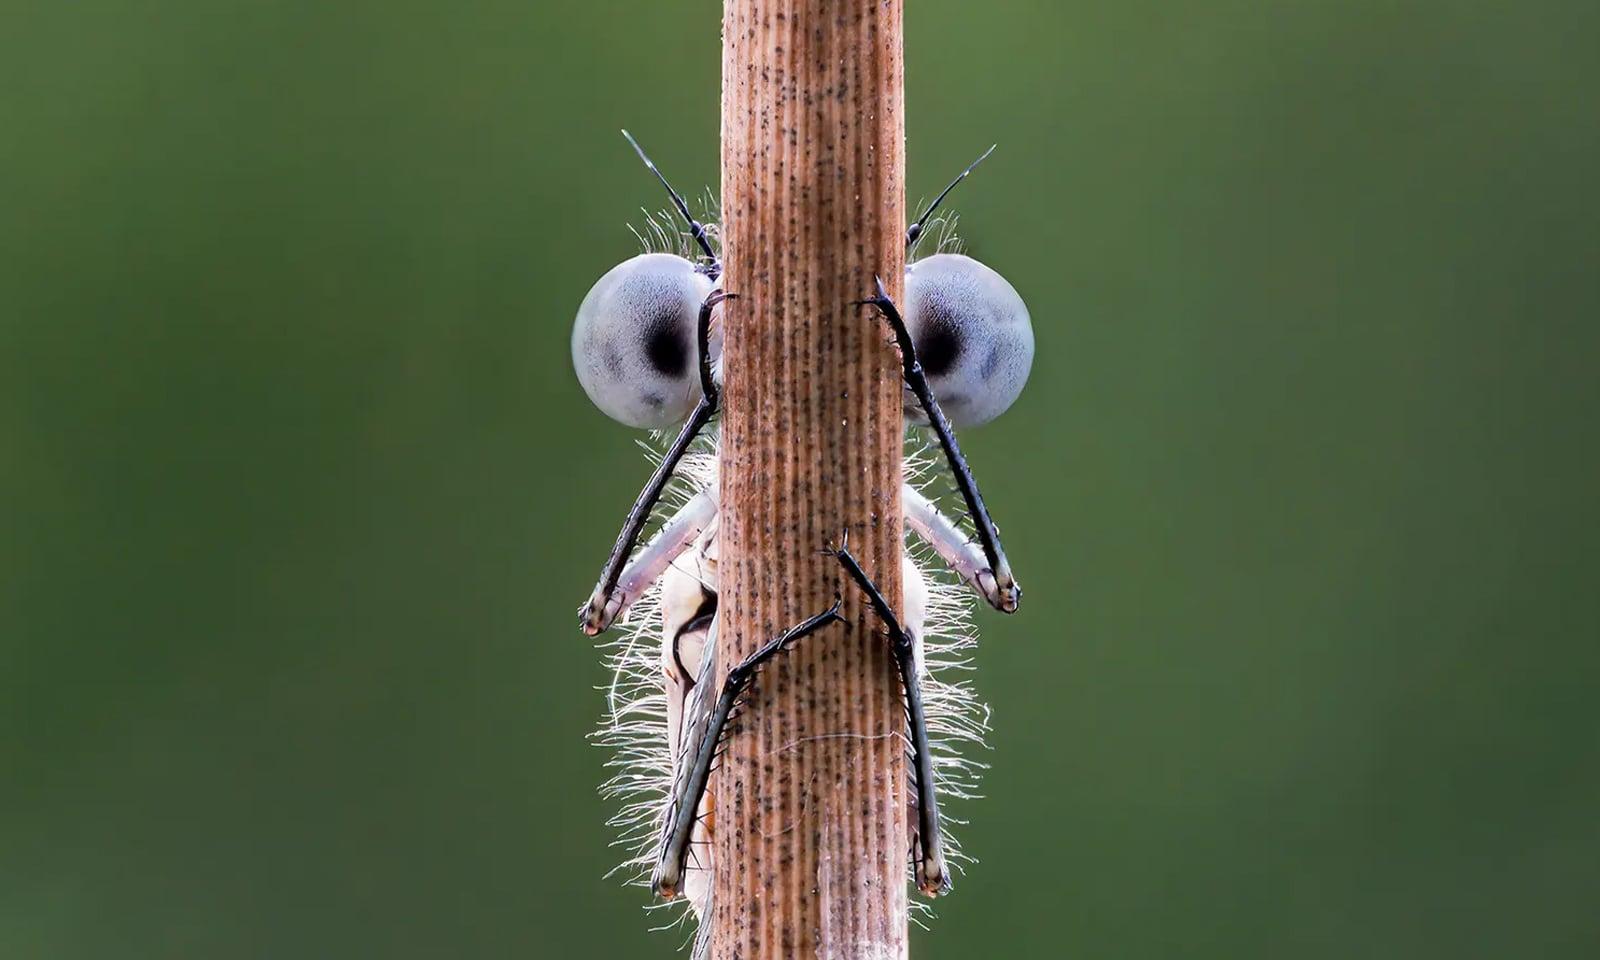 برطانیہ میں ڈیمز فلائے آنکھ مچولی کھیلتے ہوئے—فوٹو: ٹم ہیئرن/کامیڈی وائلڈ لائف فوٹوگرافی